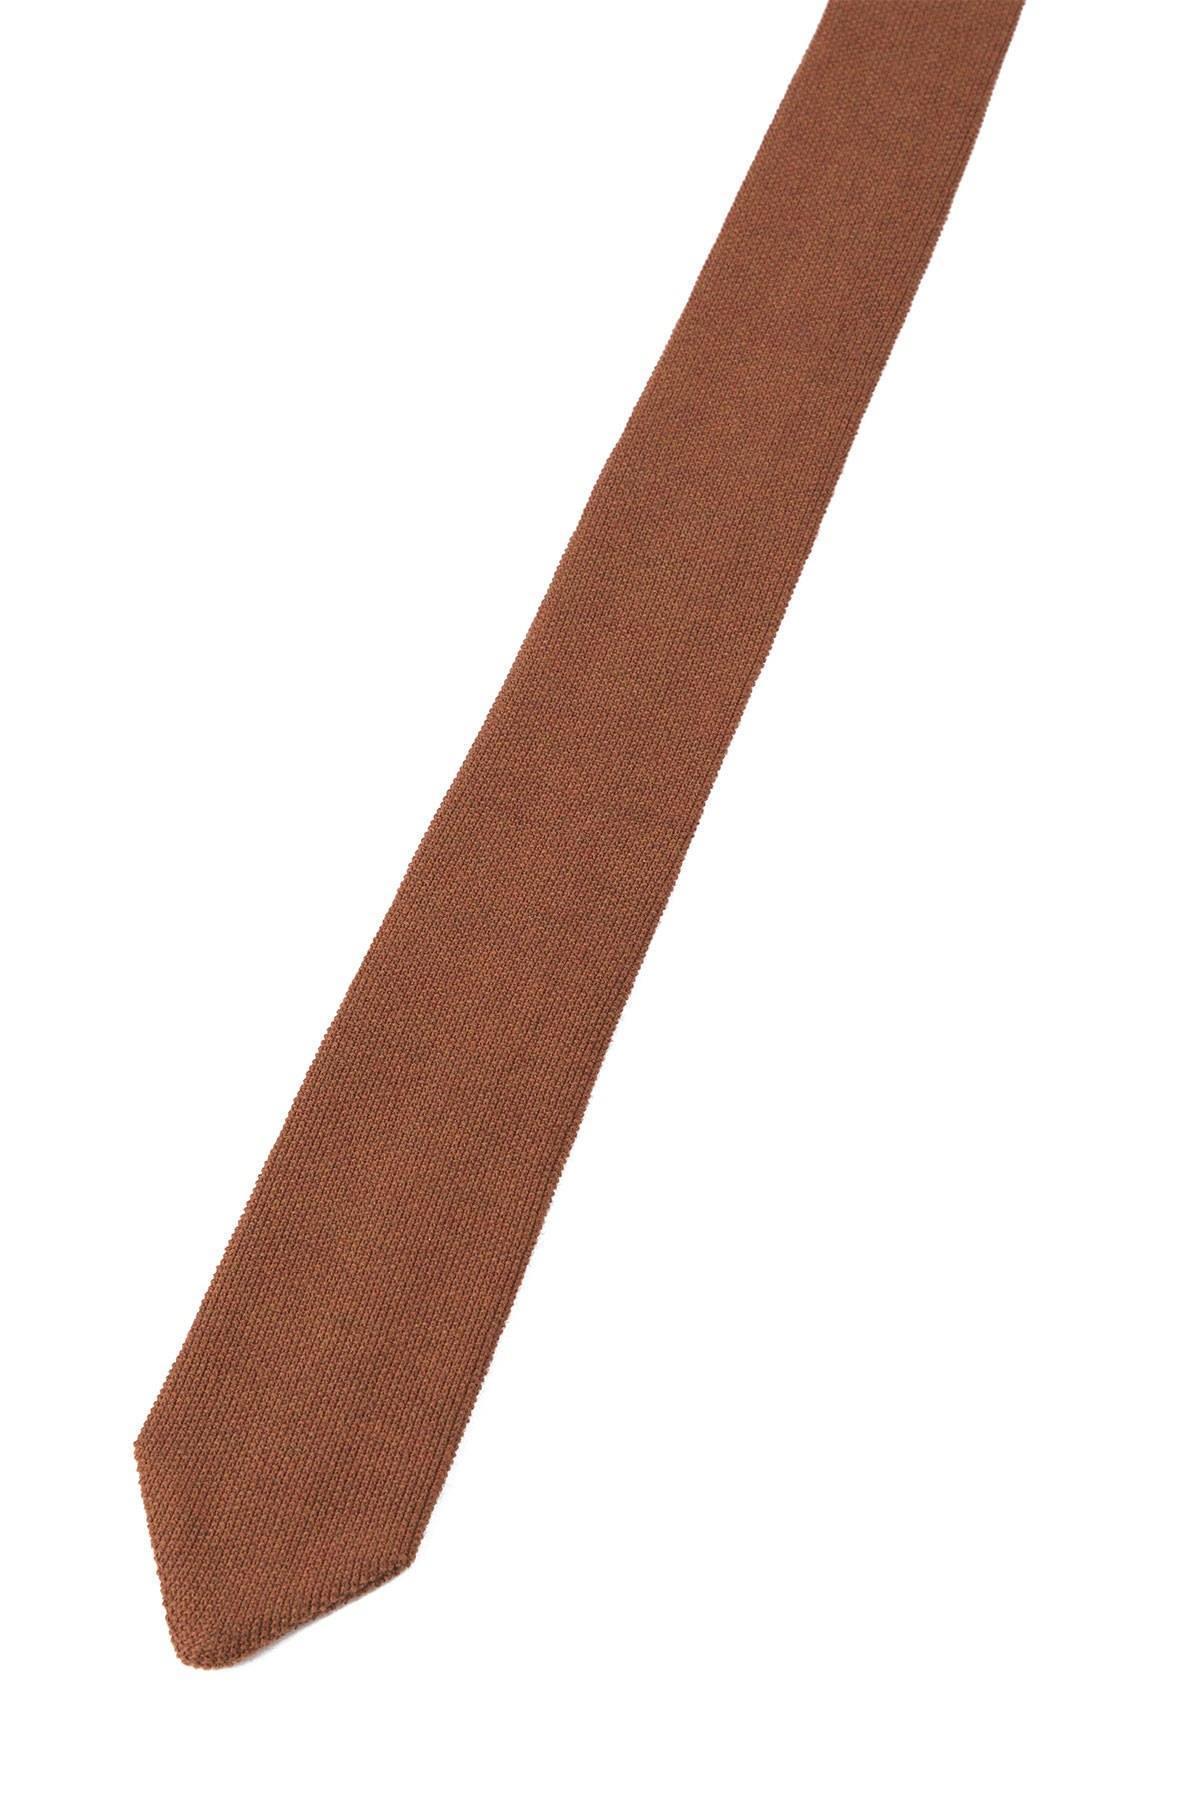 Terracotta Örgü Kravat